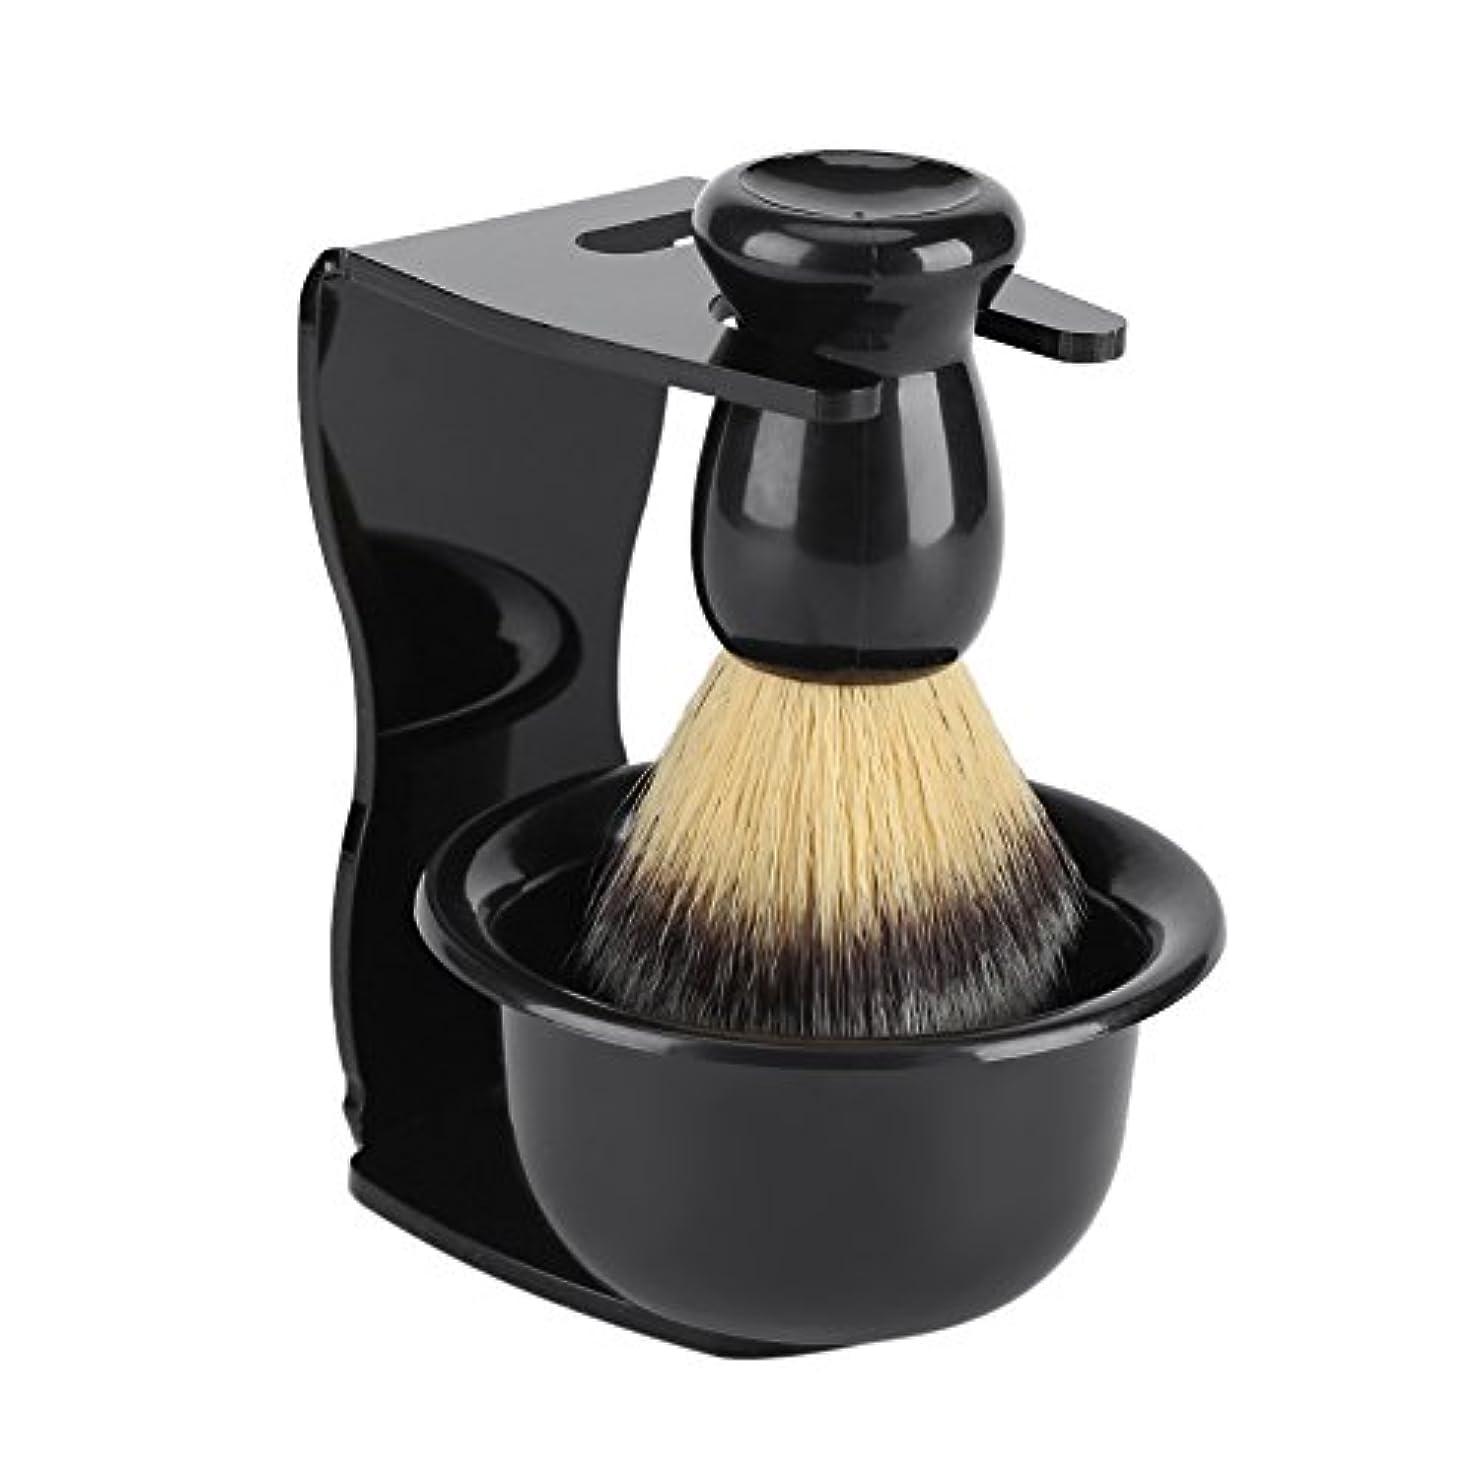 半径気取らない開発するシェービングブラシ 3点セット 純粋なバッガーヘアシェービングブラシ プロフェッショナルメンズ 洗顔 髭 剃り 泡立ち 洗顔ブラシ シェービングブラシ スタンド ホルダー ボウル